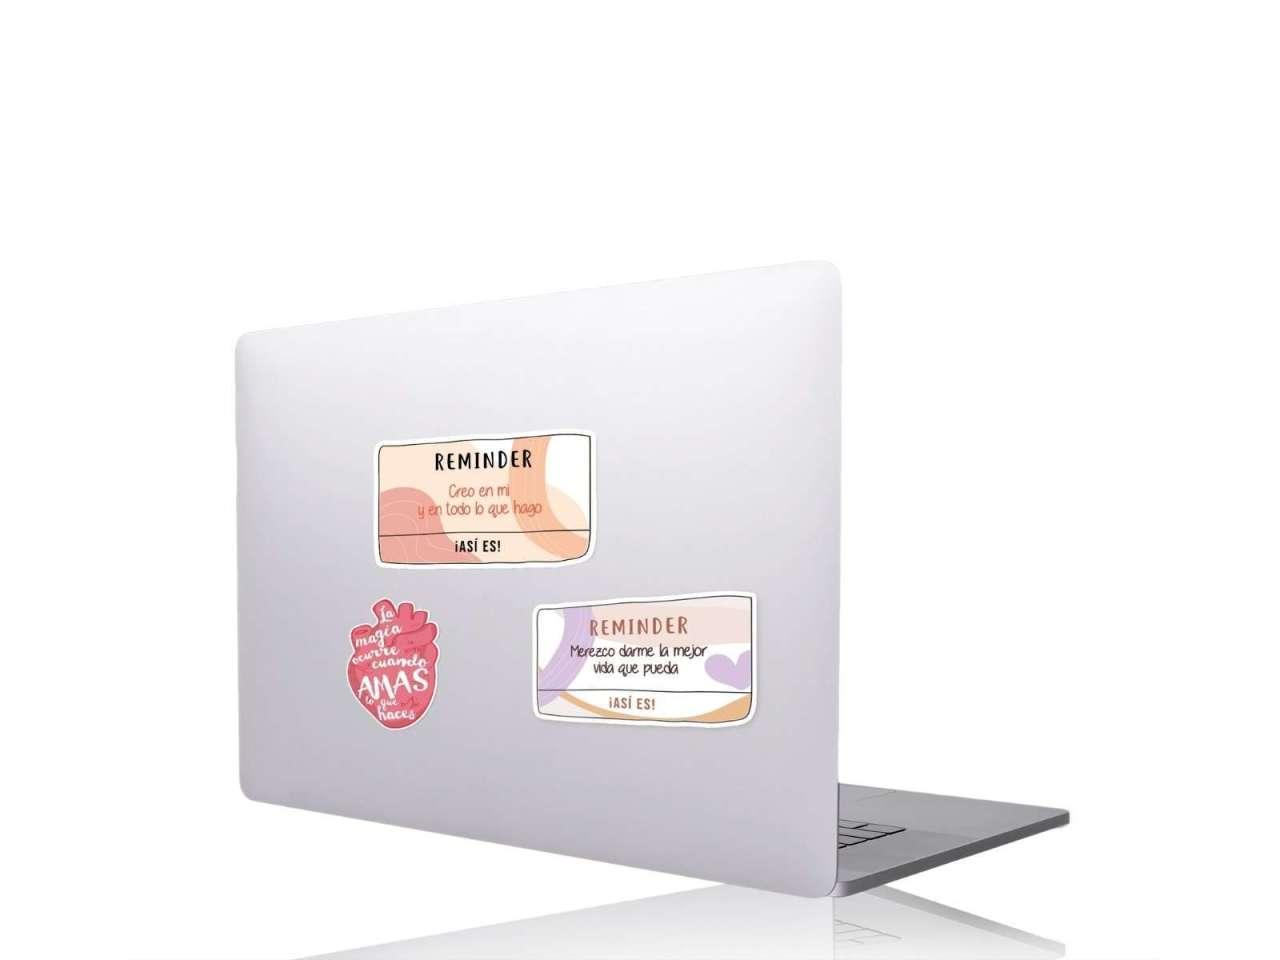 Stickers en vinil para computadora